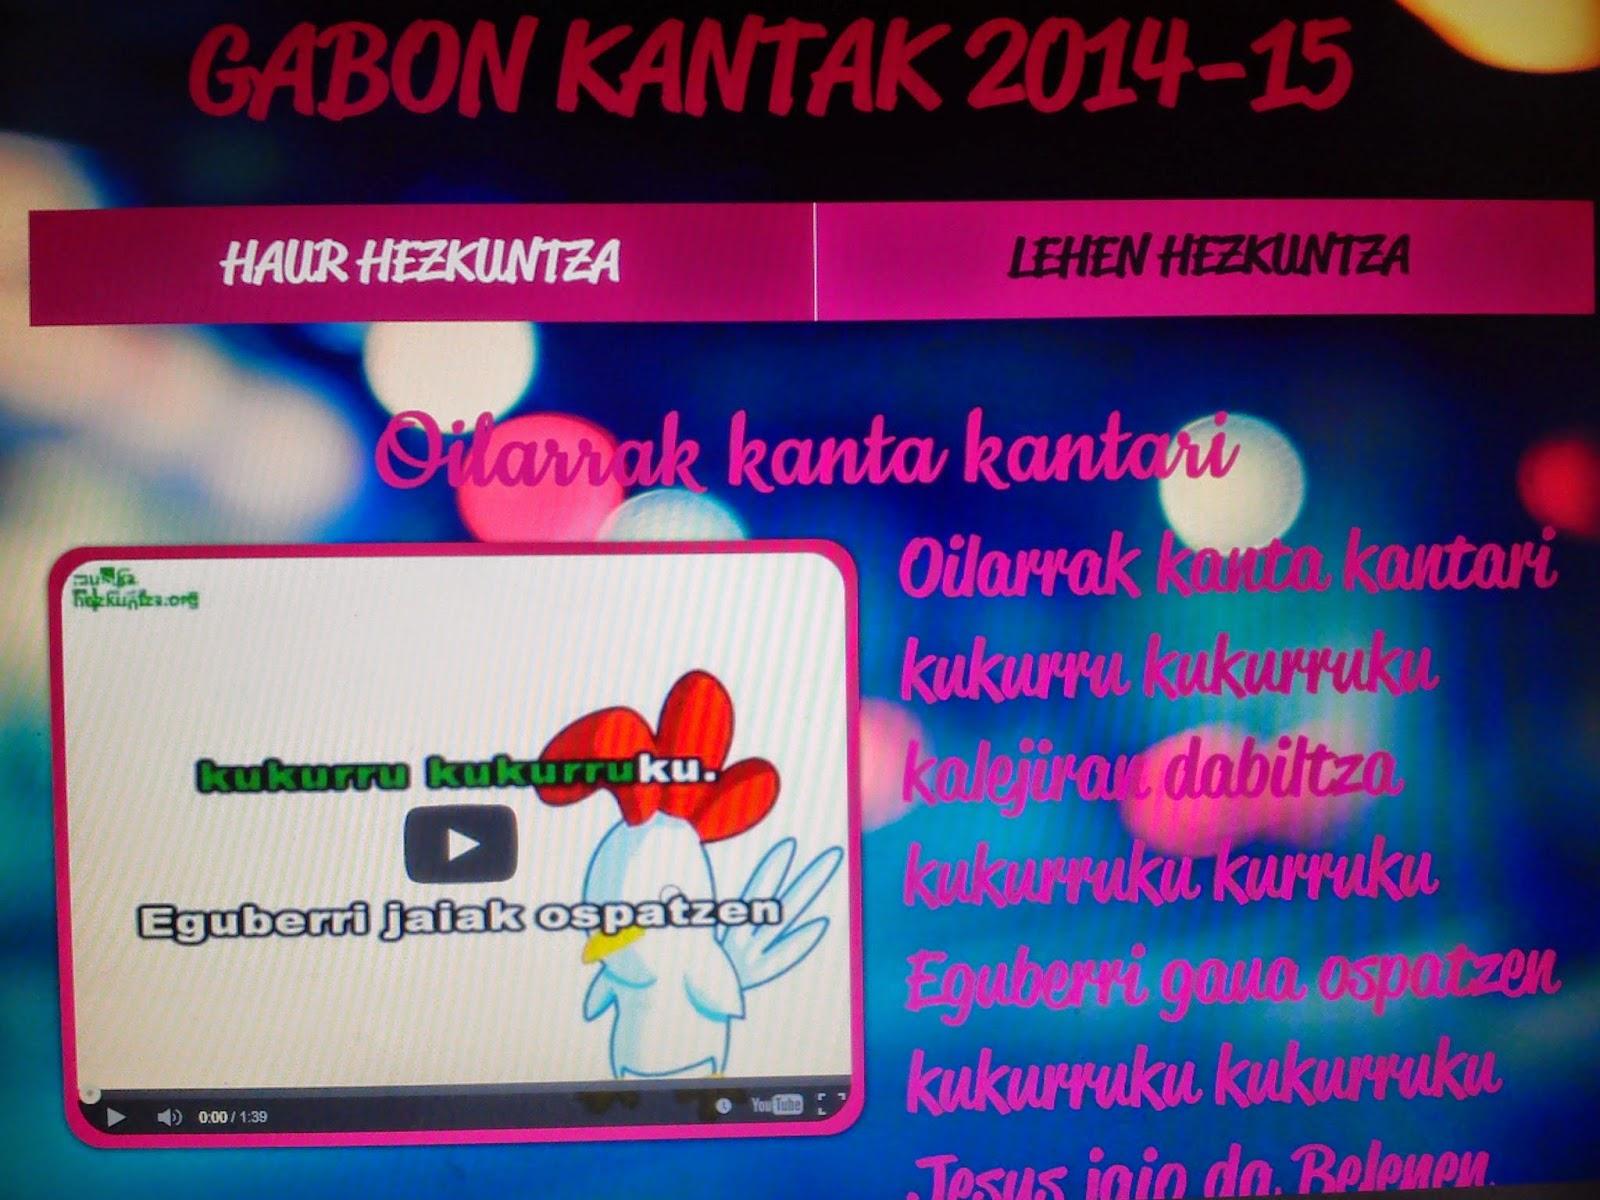 http://iratxeallend1.wix.com/gabon-kantak-2014-15